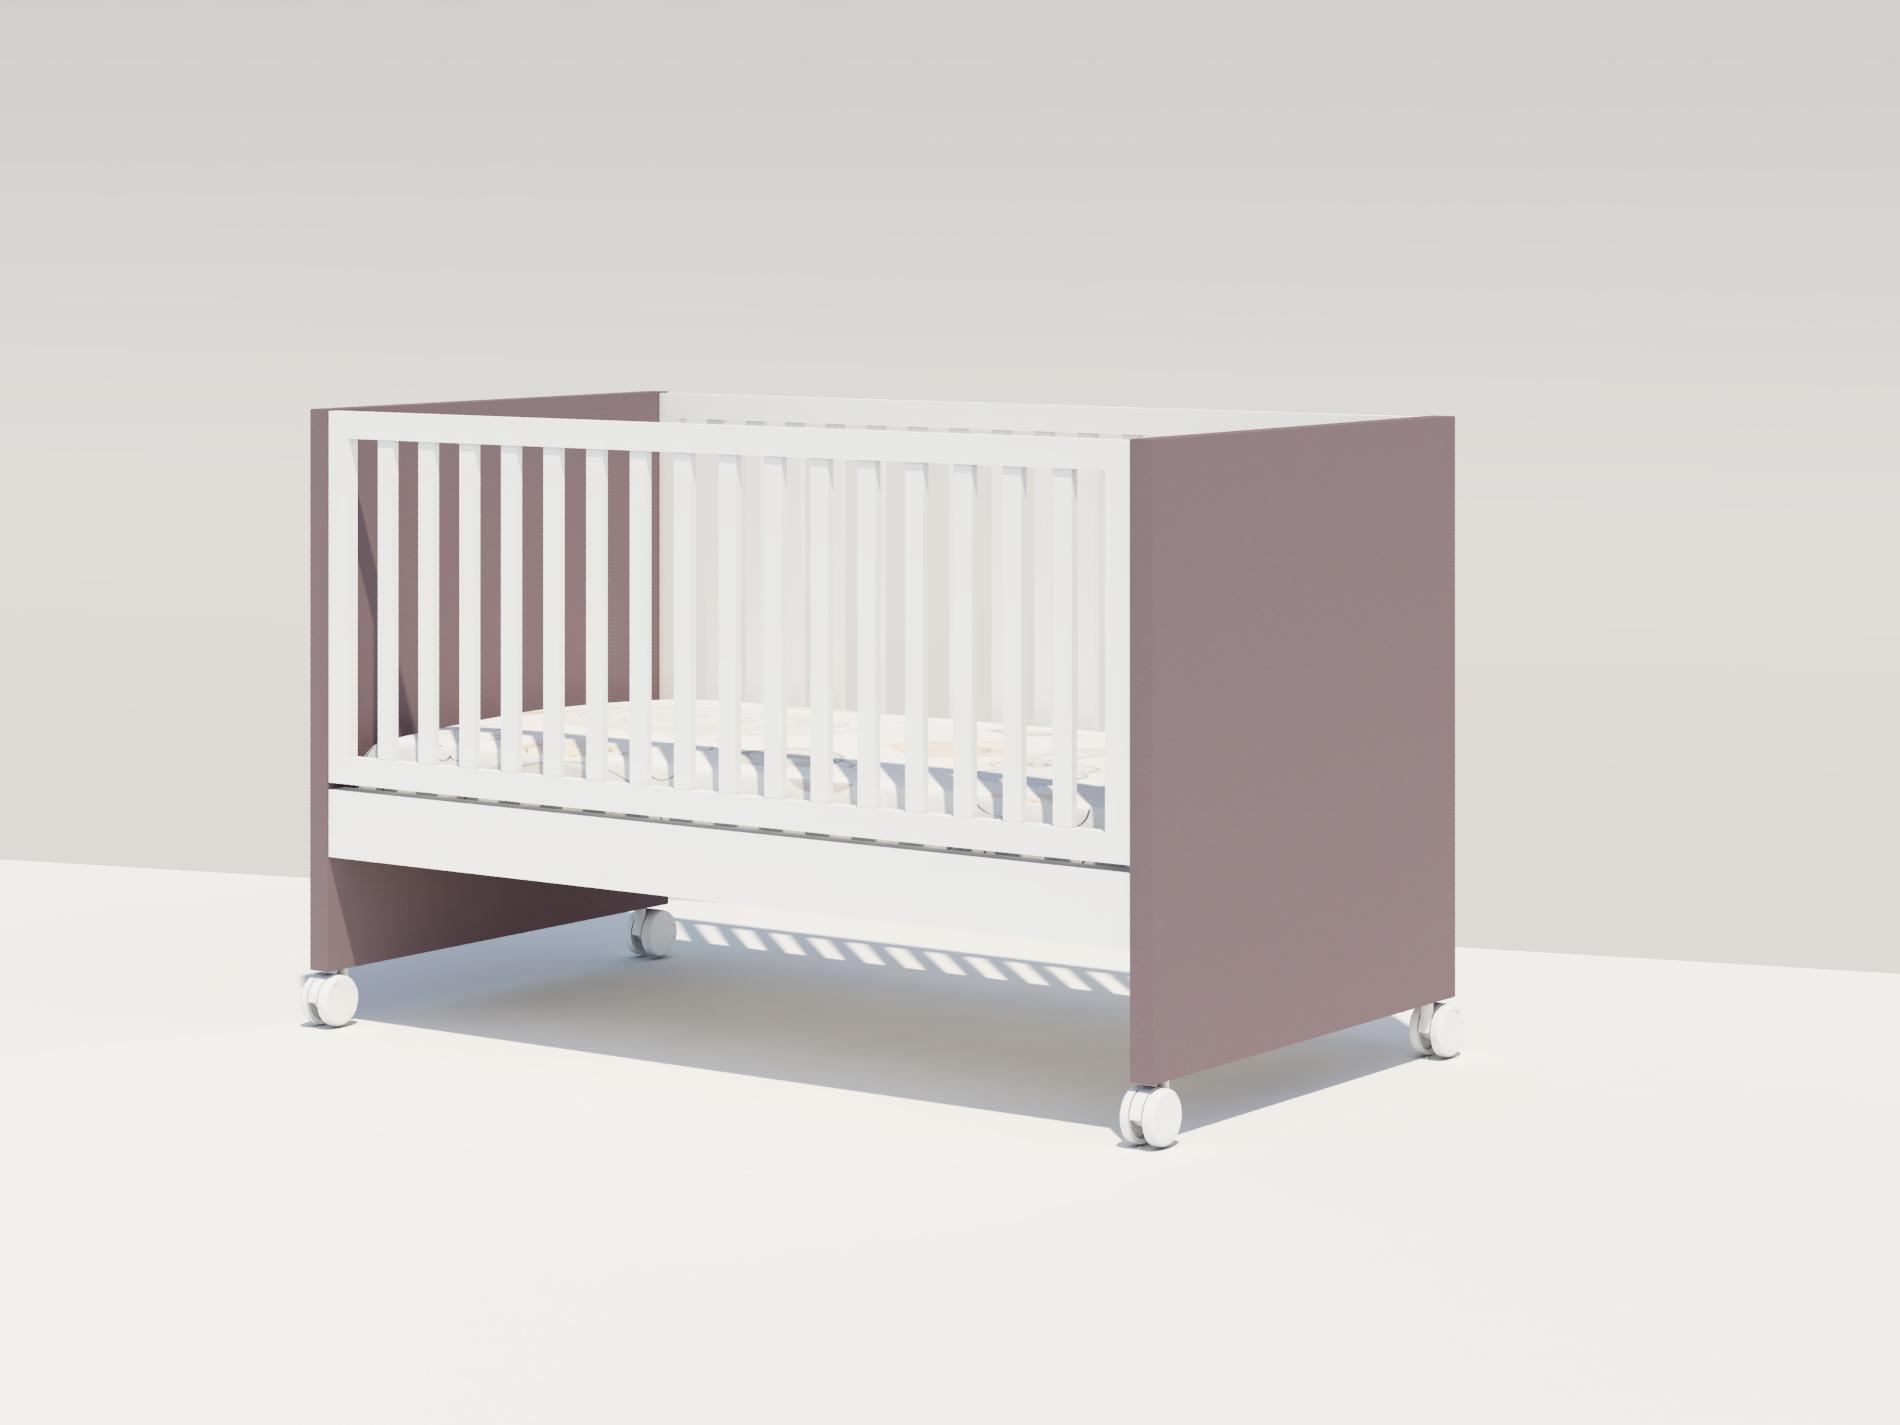 ROS presenta nuevos colores para el mobiliario infantil - BebésBebés